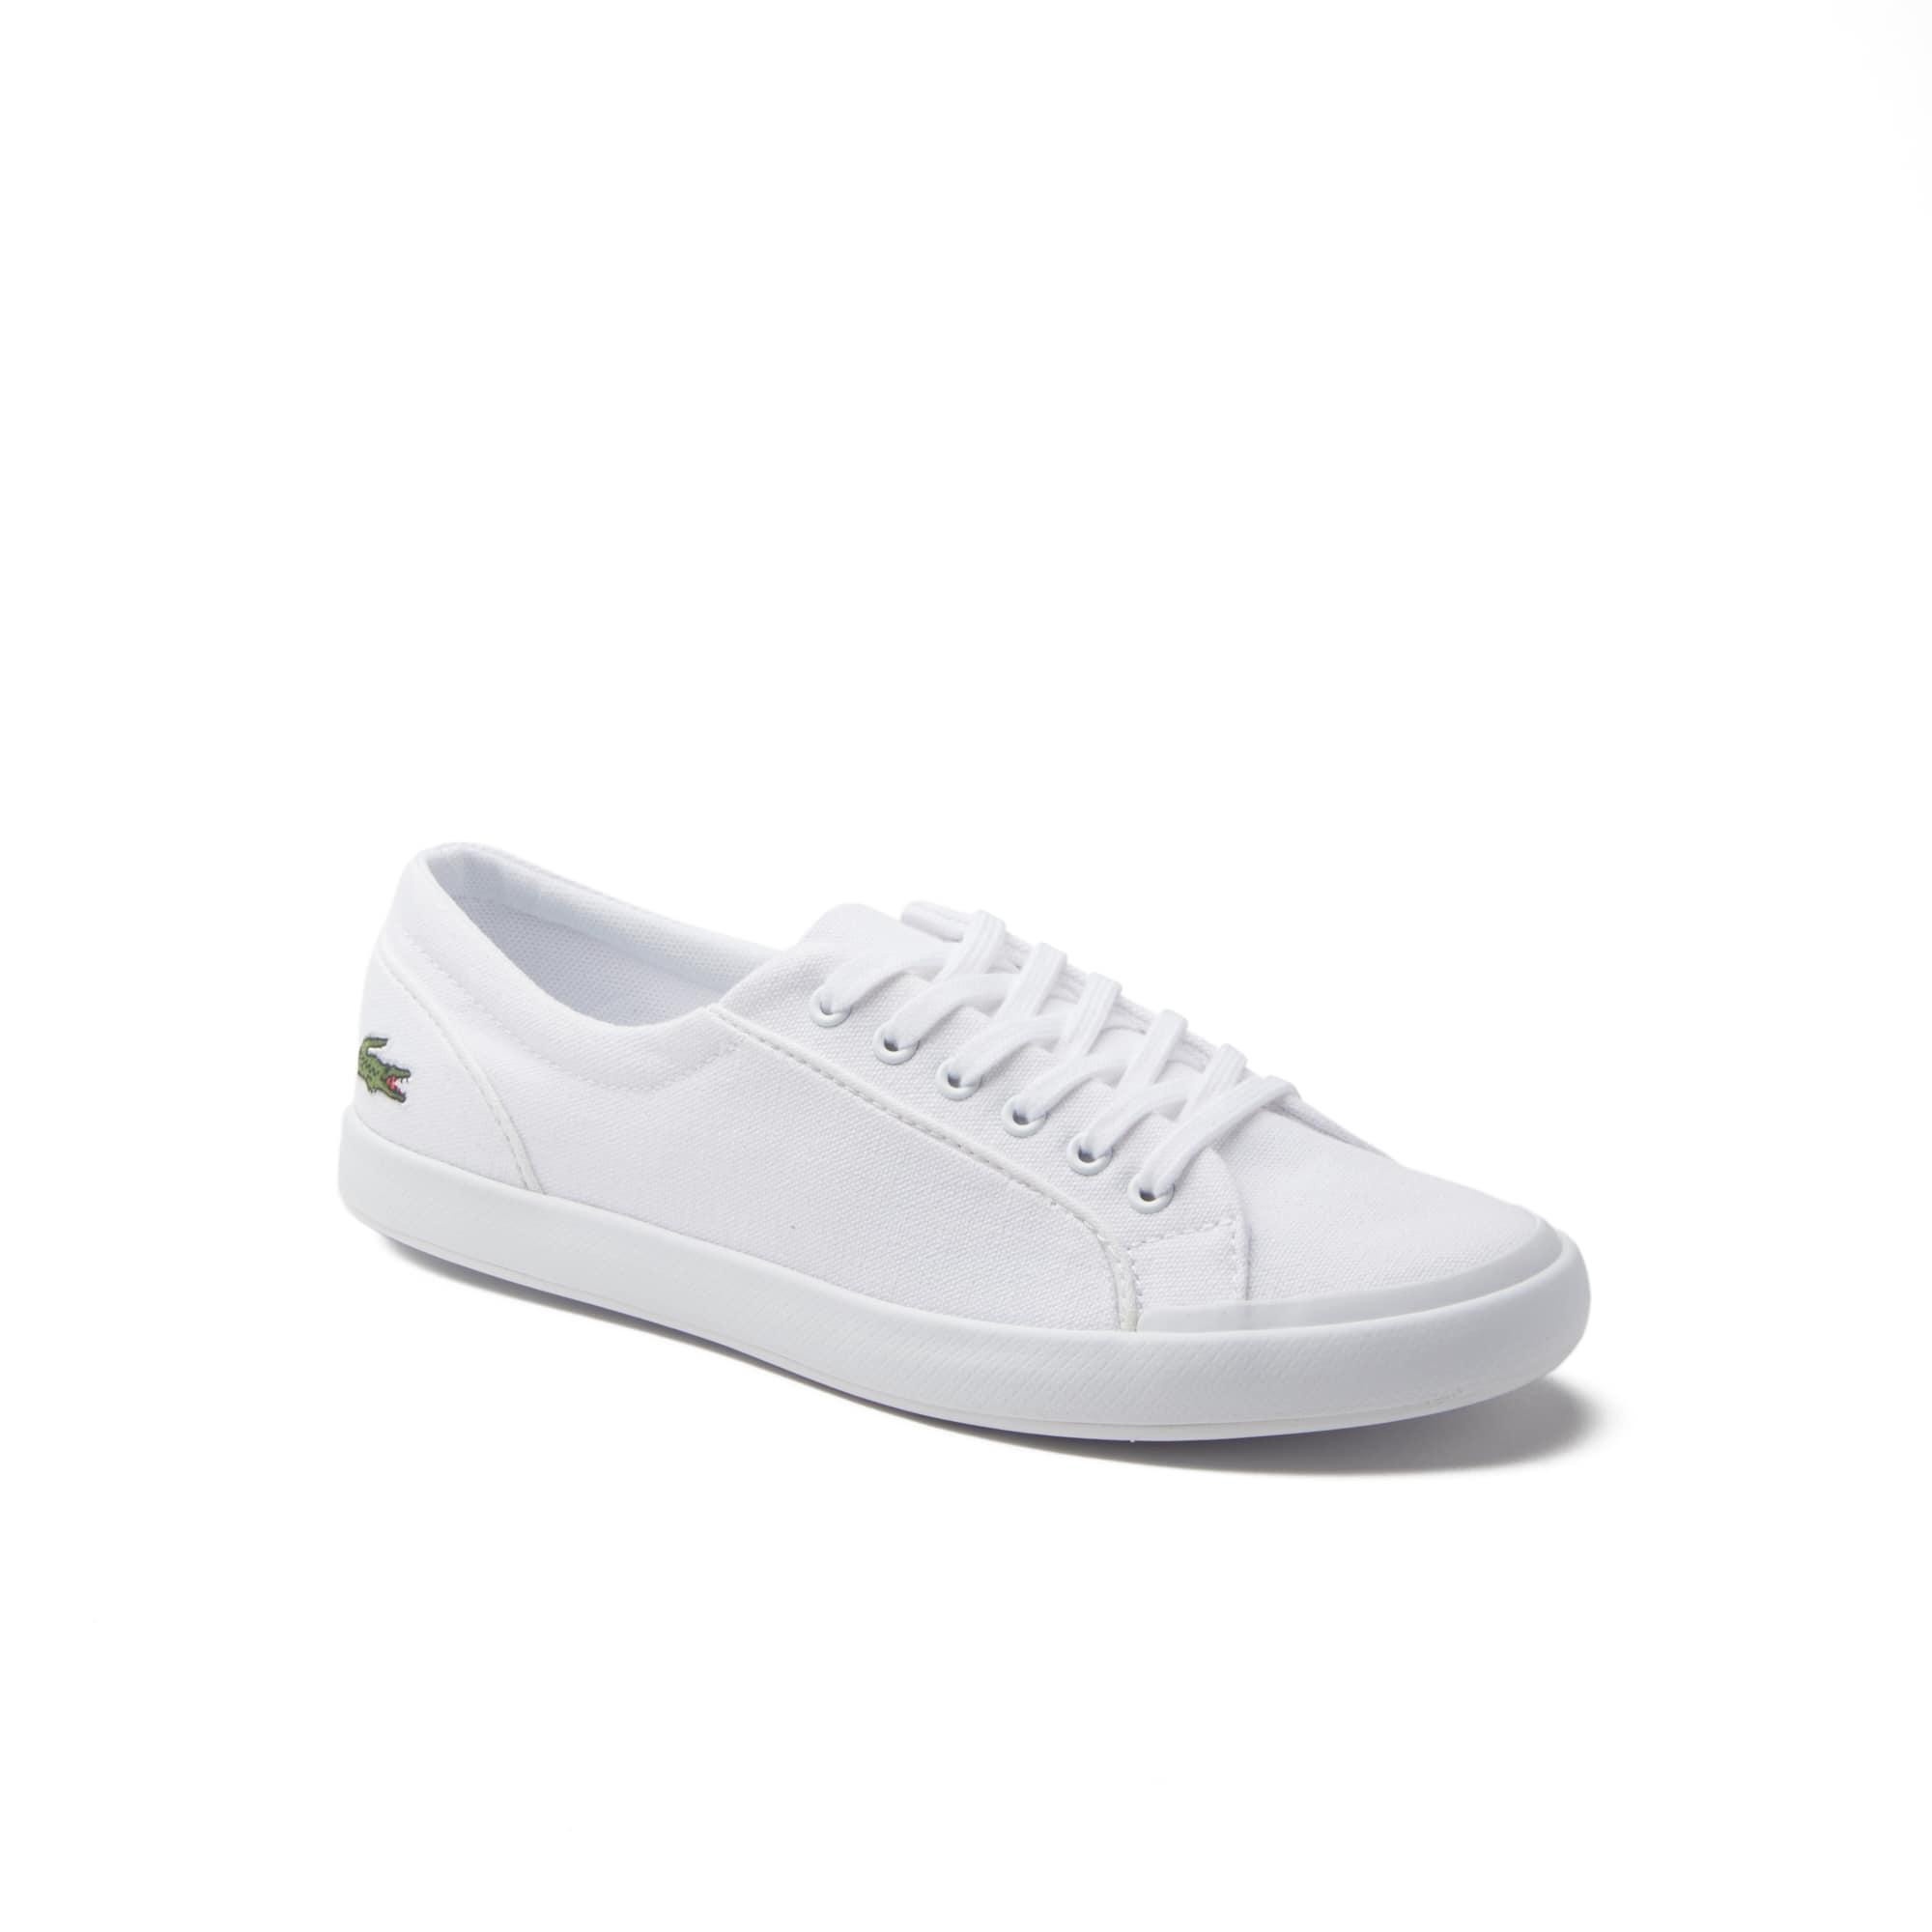 Low-Rise Damen-Sneakers LANCELLE aus Canvas